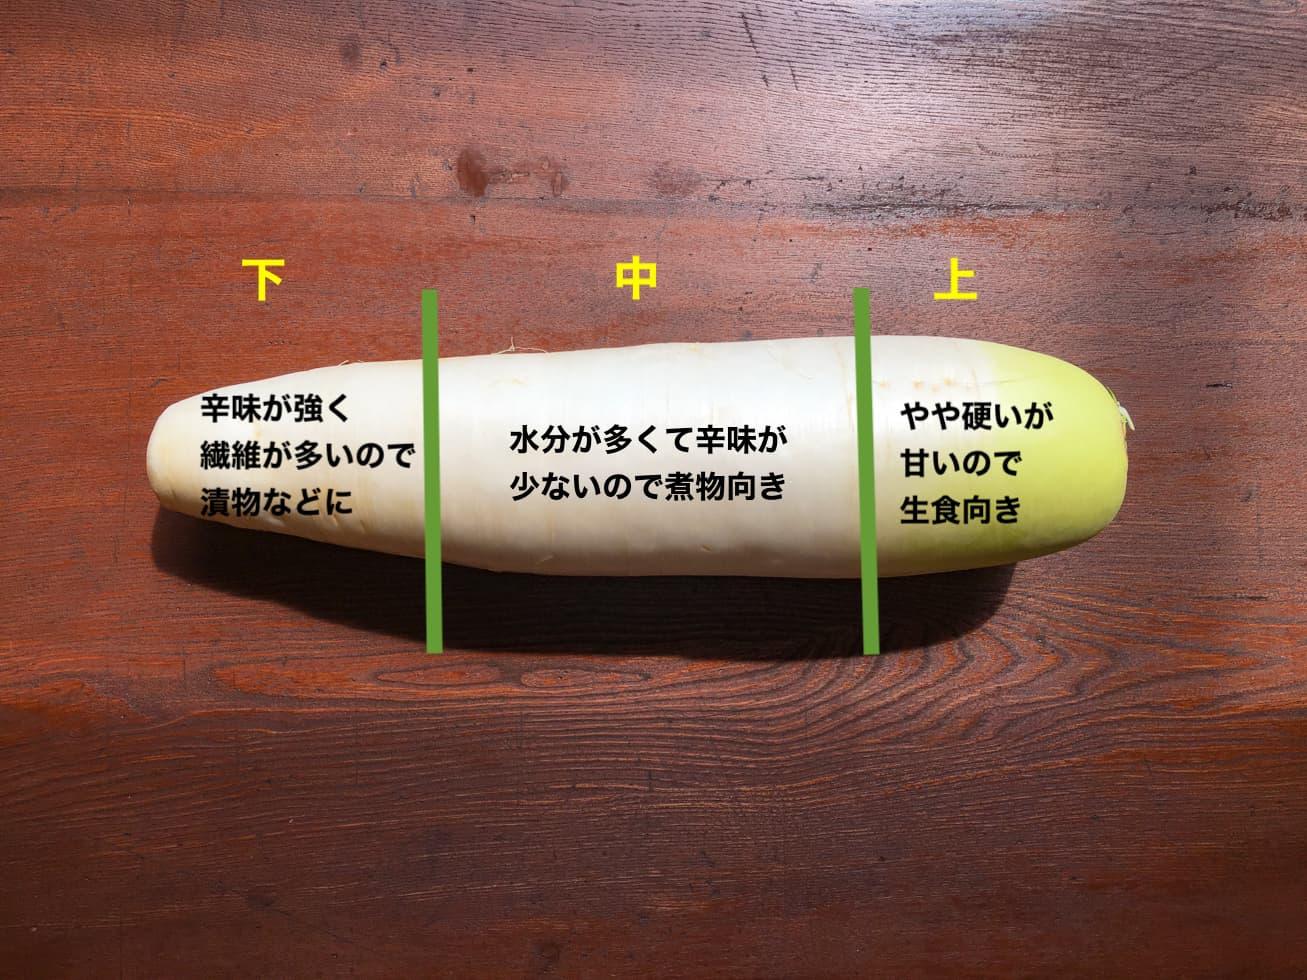 大根の部位による特徴の写真